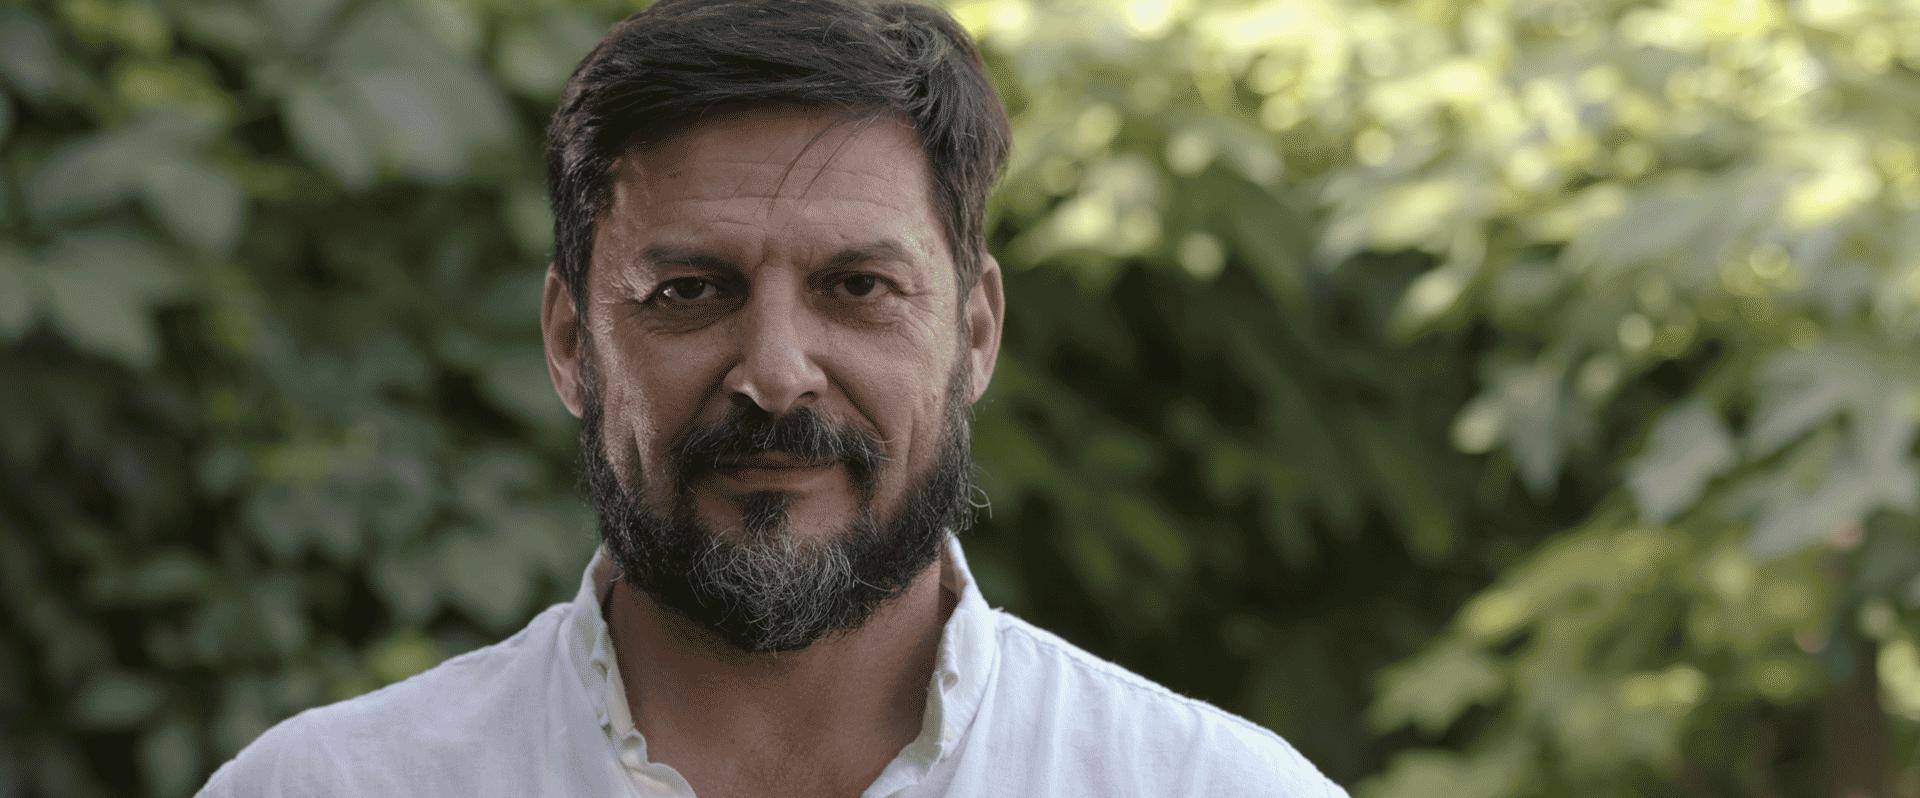 """Rafael Cavada: """"No entiendo cómo hay gente que confunde informar con incentivar al odio"""""""